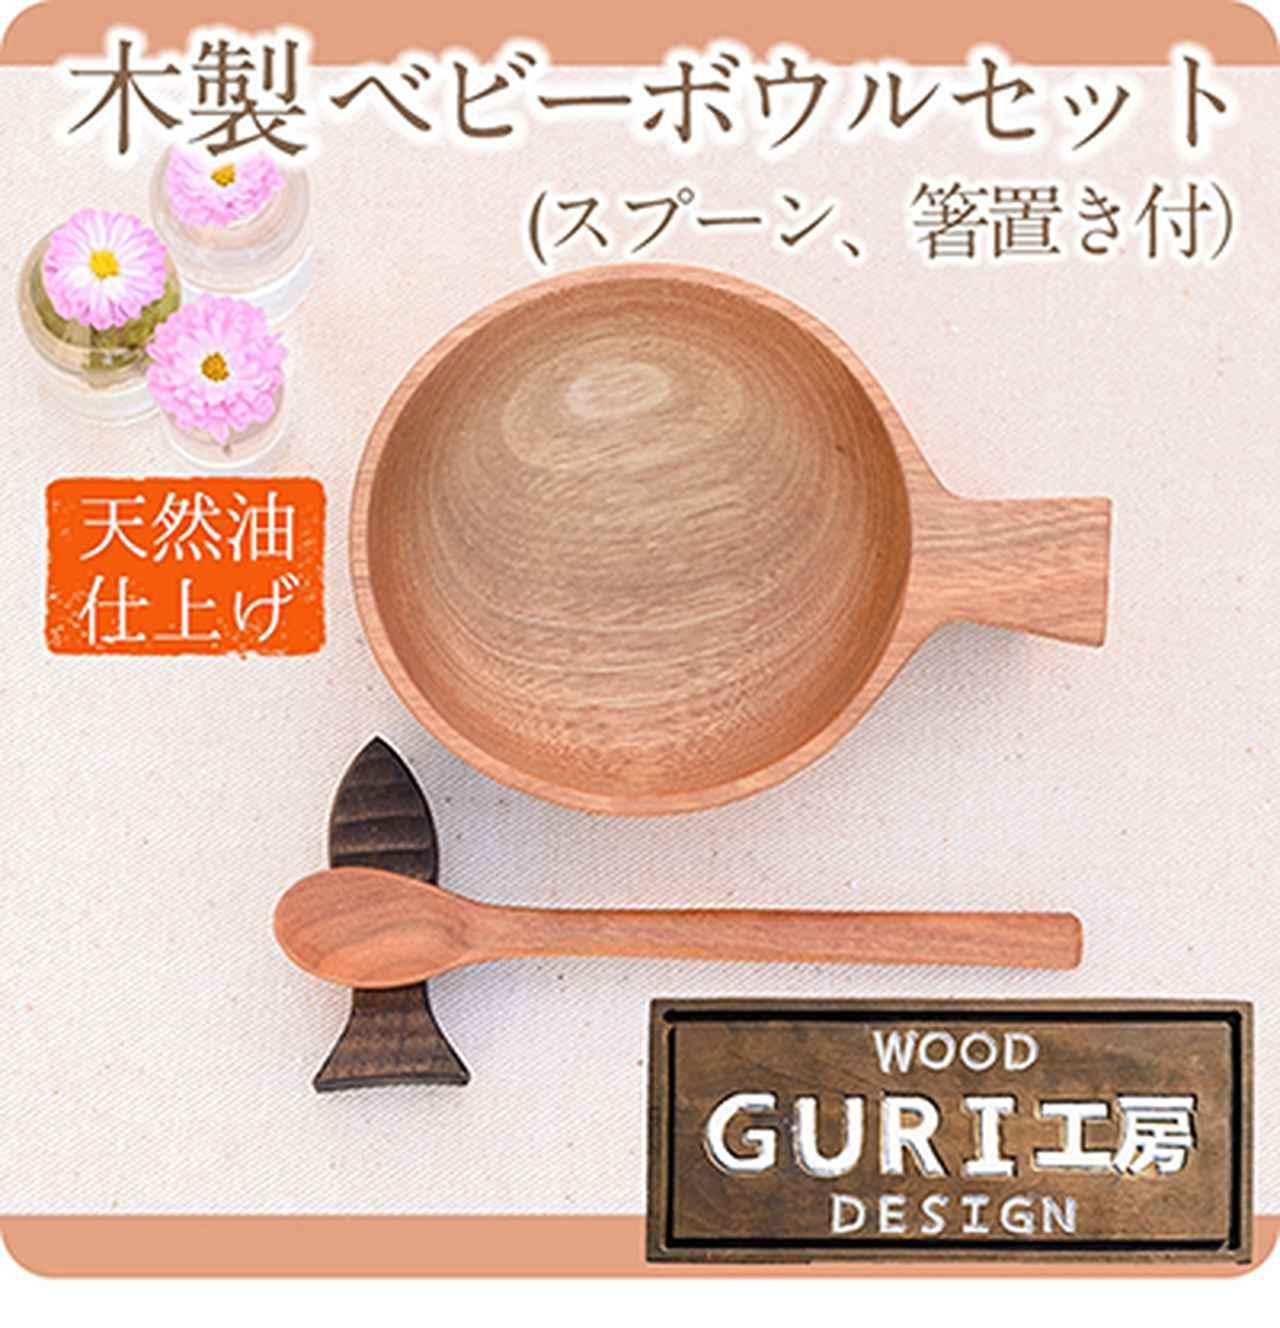 画像: 木製ベビーボウルセット<日本製>木製の食器、スプーン、箸置きの3点セット